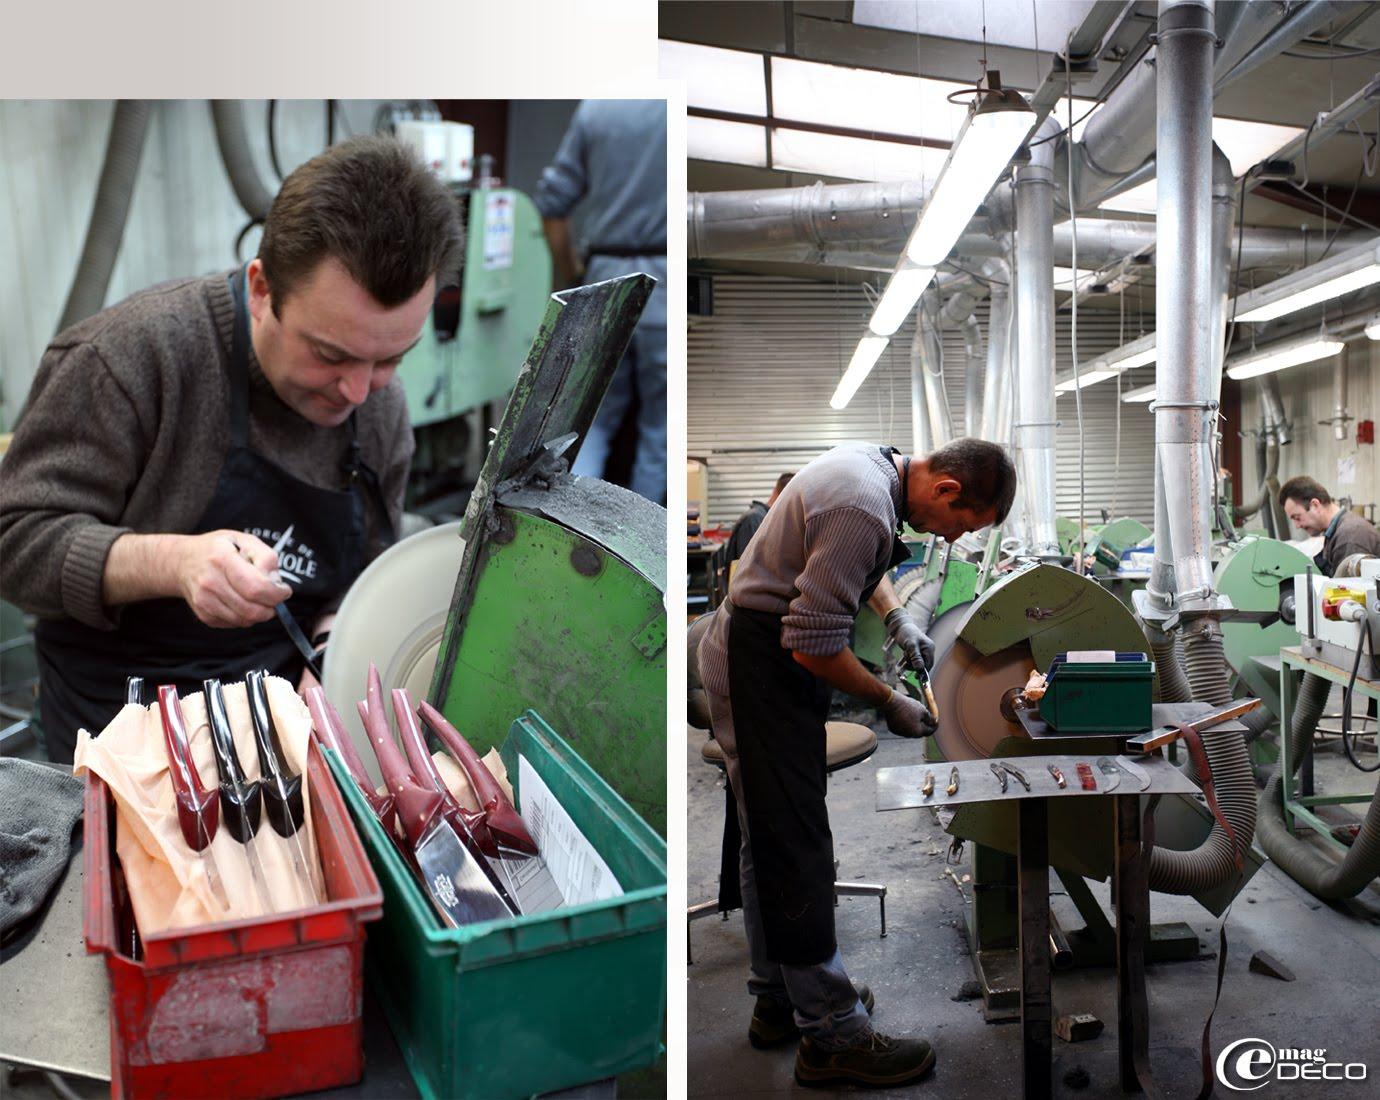 Atelier de polissage, dernière étape de la fabrication des couteaux de Laguiole